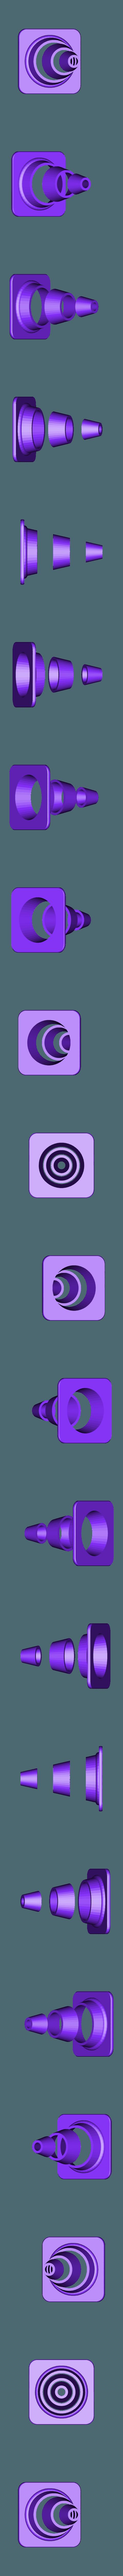 classic_cone_A.stl Télécharger fichier STL gratuit Collection de cônes de circulation de la mode • Design imprimable en 3D, Render